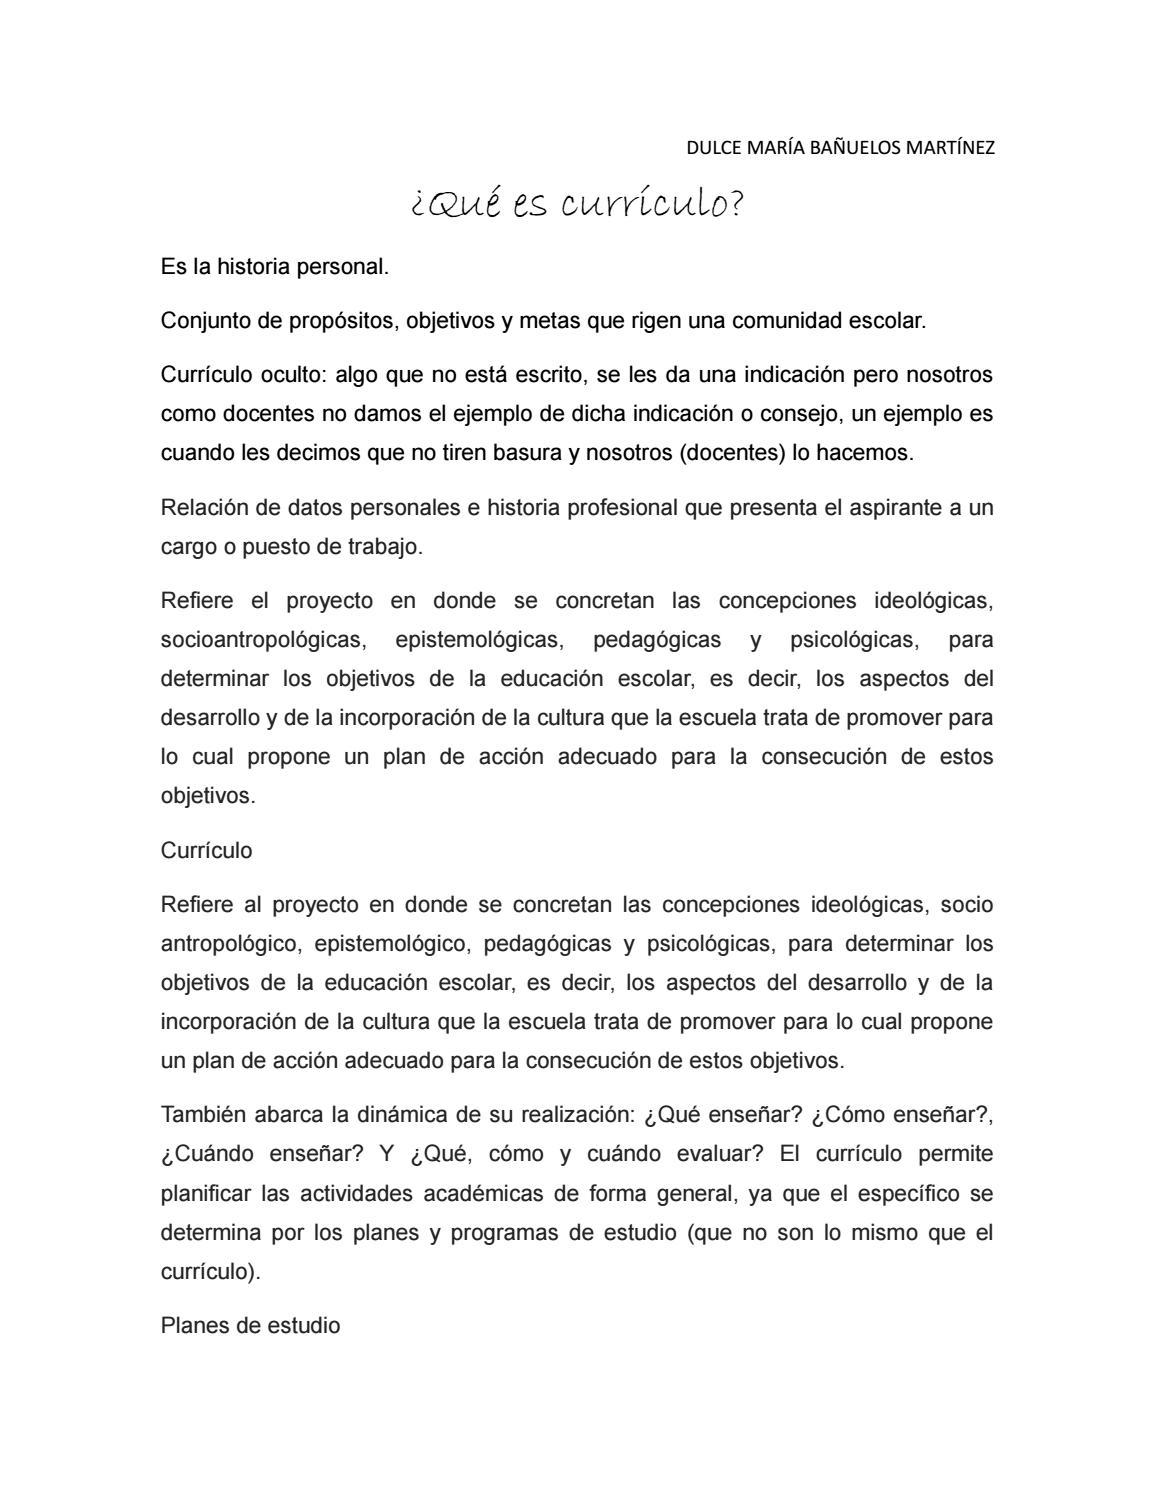 Qué es curriculum by dulcebenmac - issuu